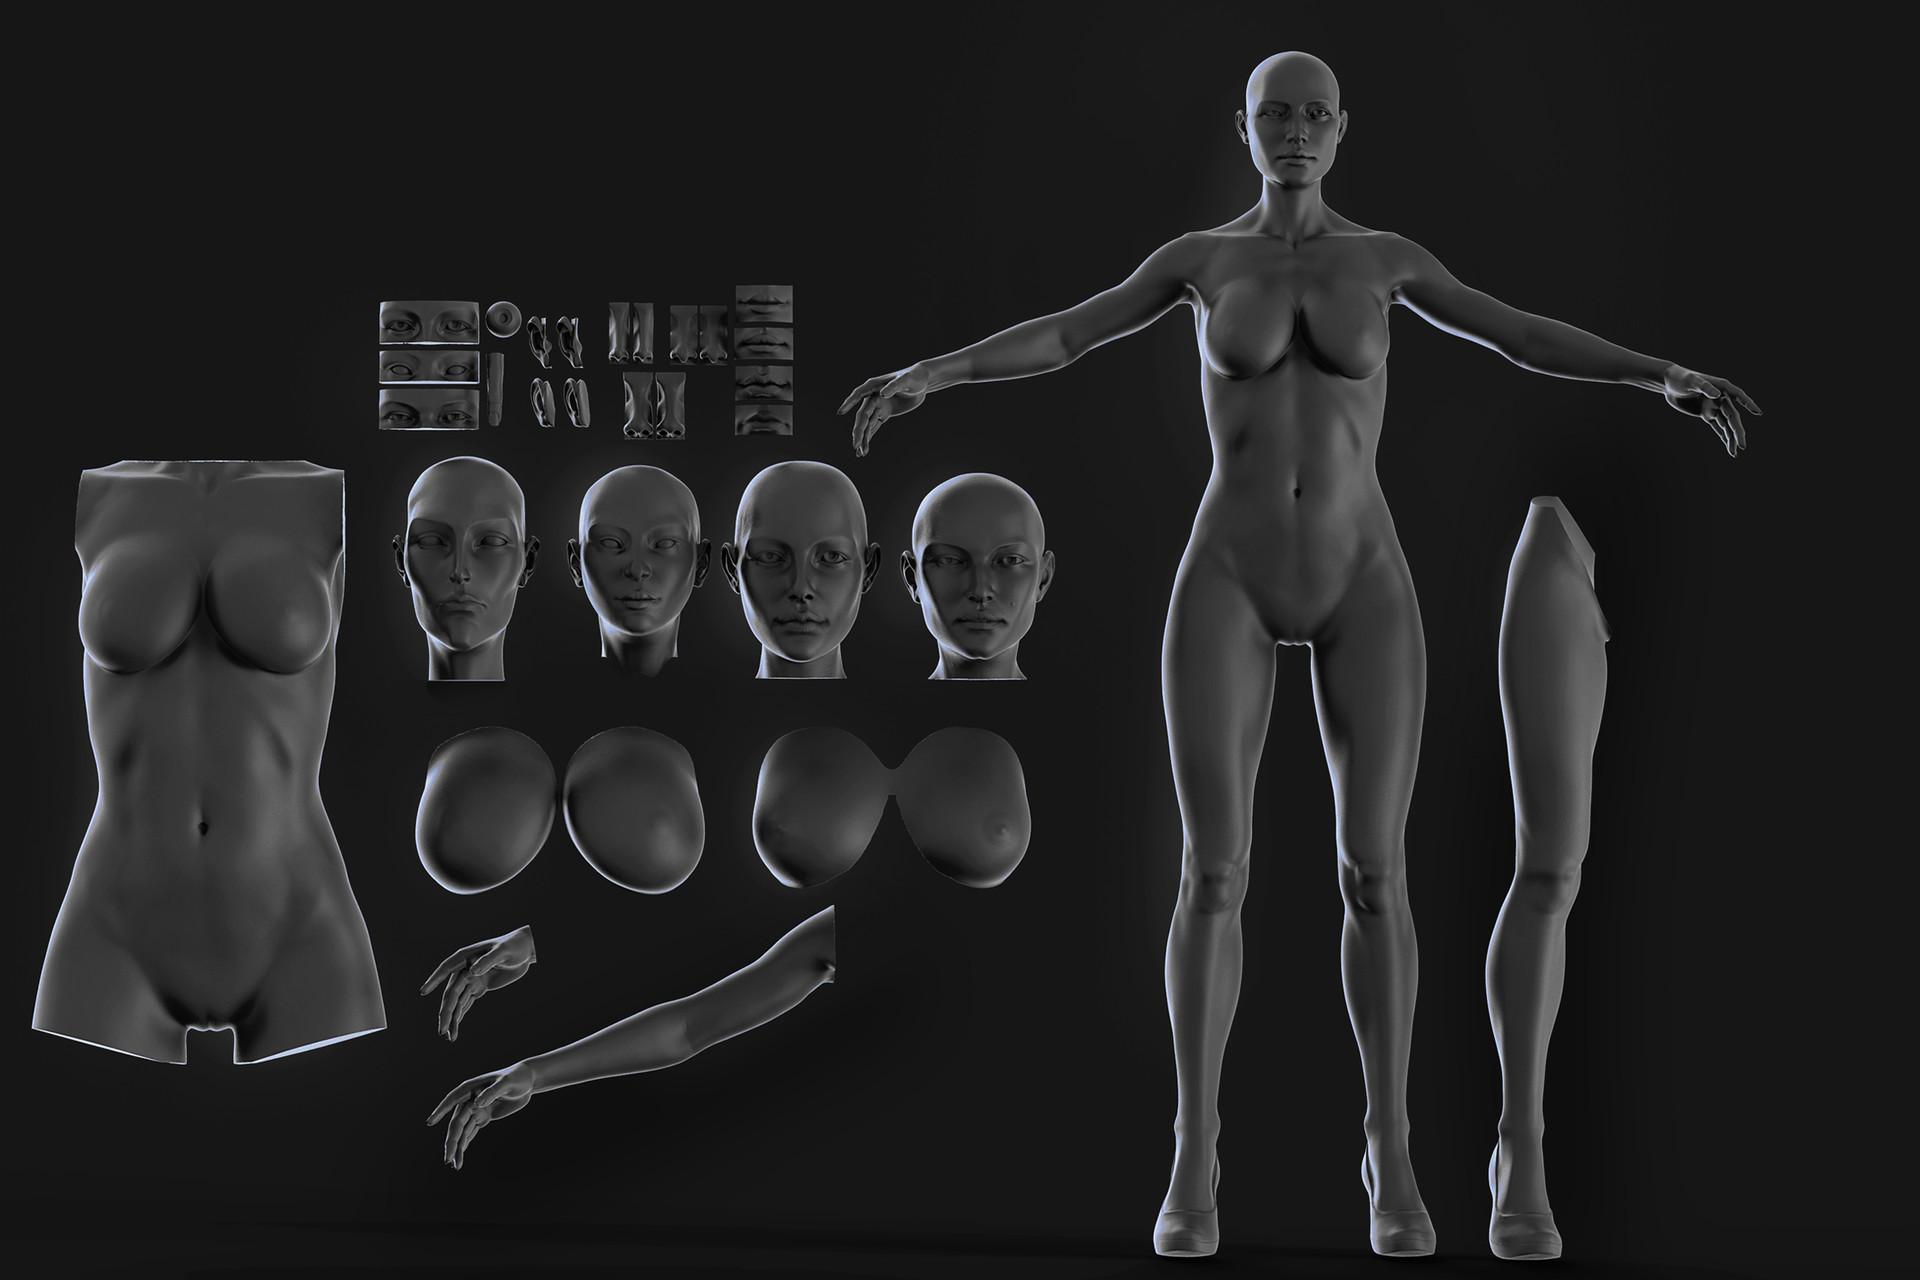 Yuriy romanyk anatomical 1 3x